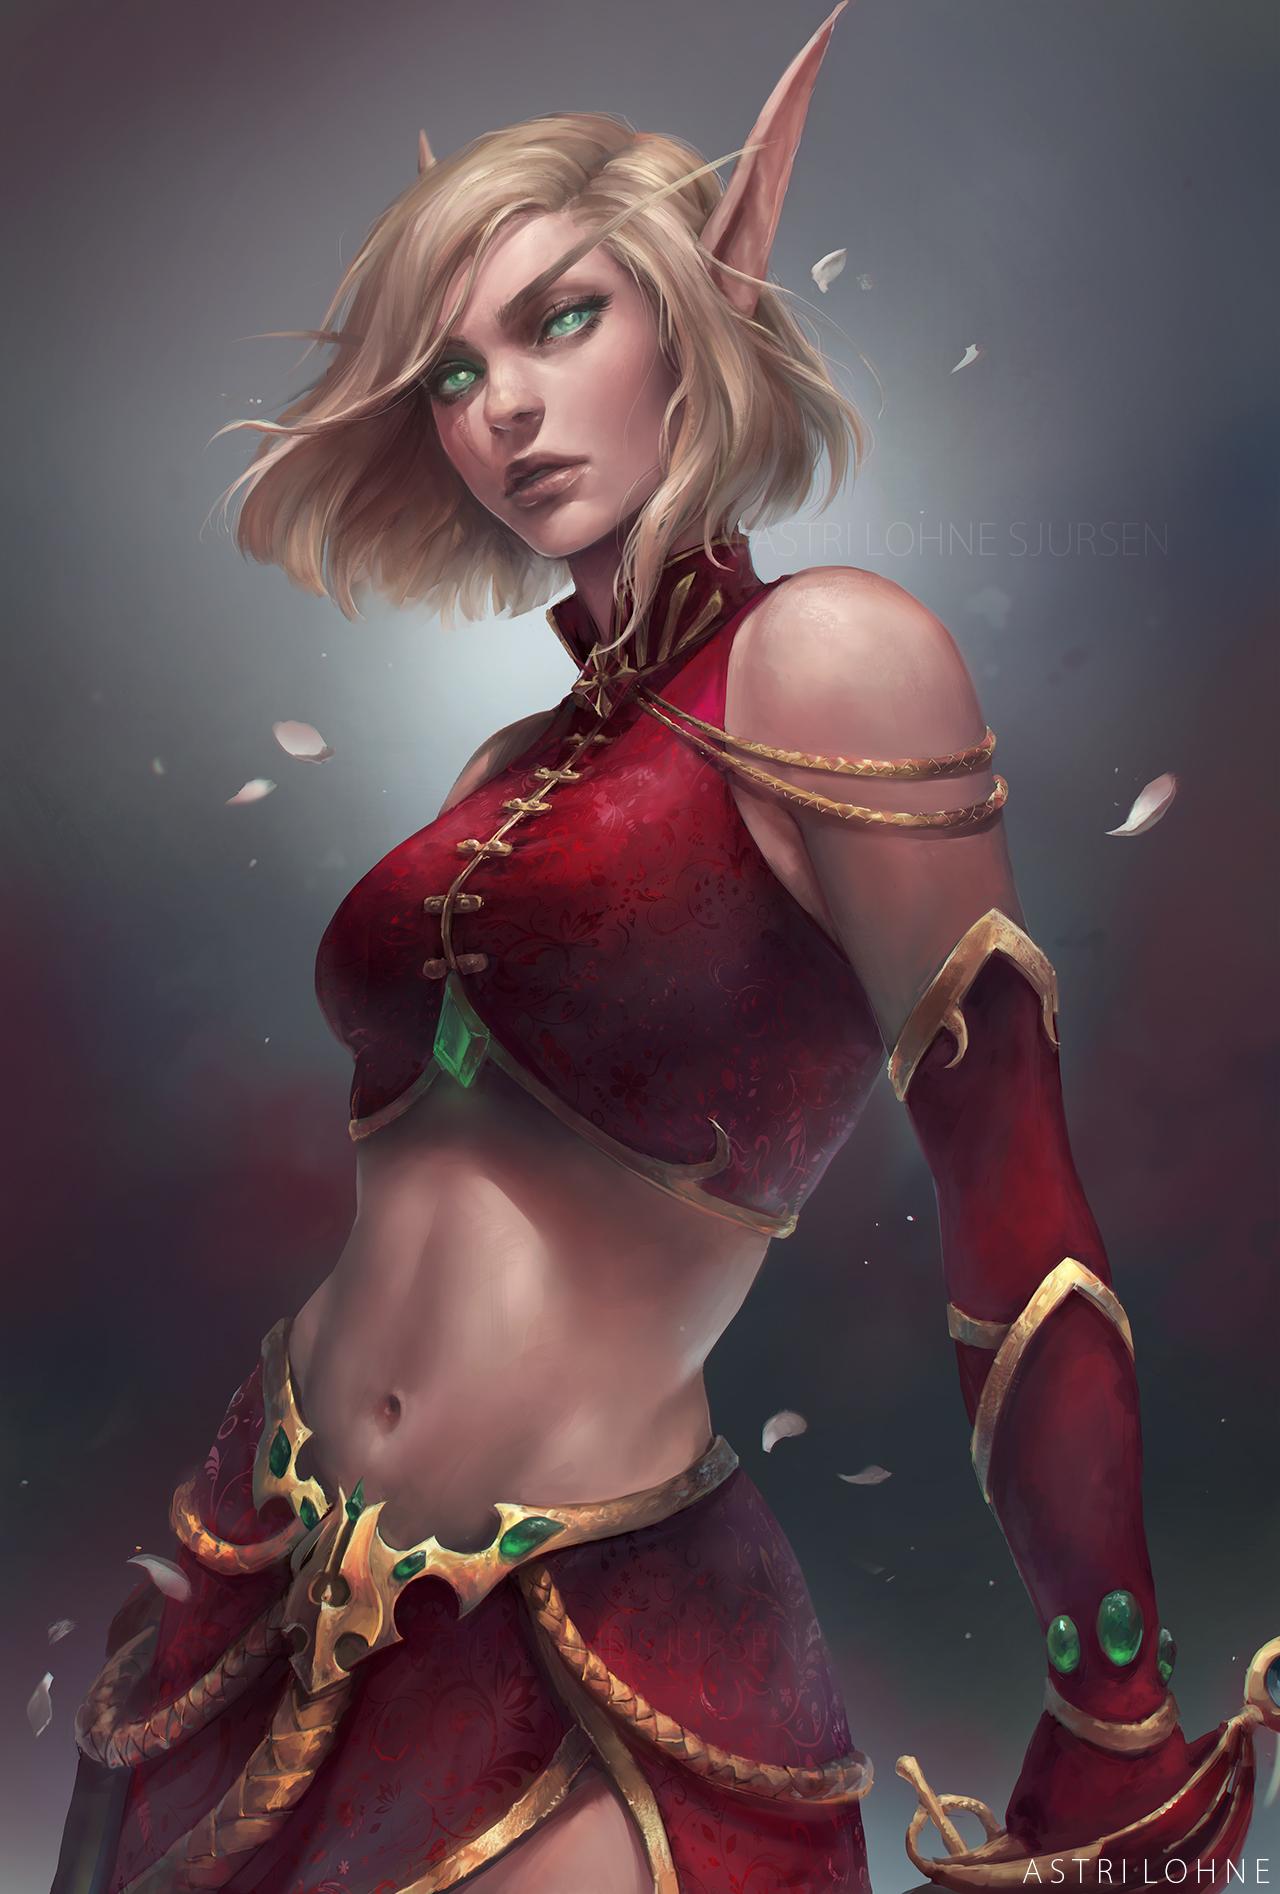 Blood elf lady fucks thumbs